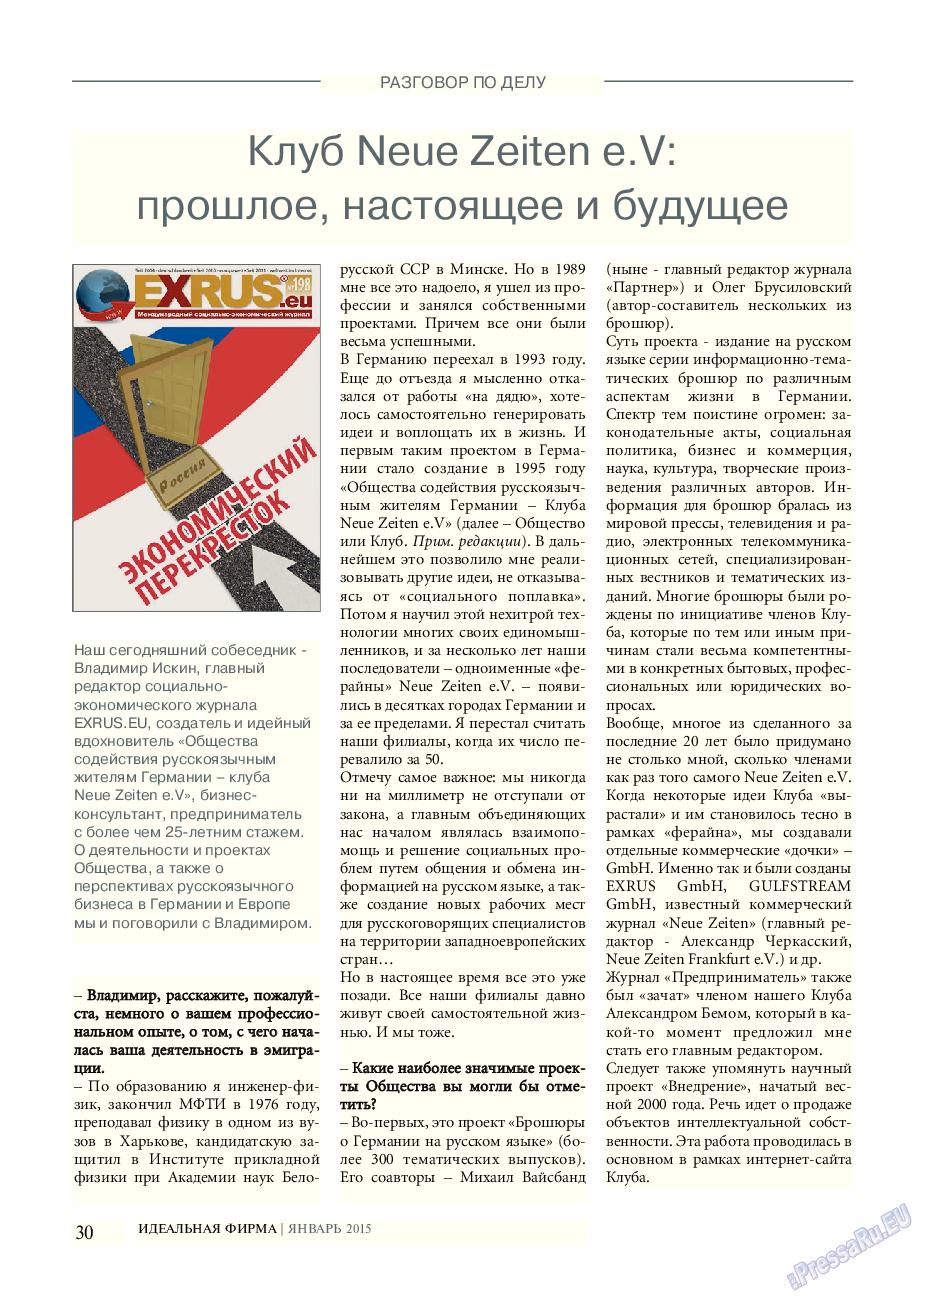 Идеальная фирма (журнал). 2015 год, номер 1, стр. 30